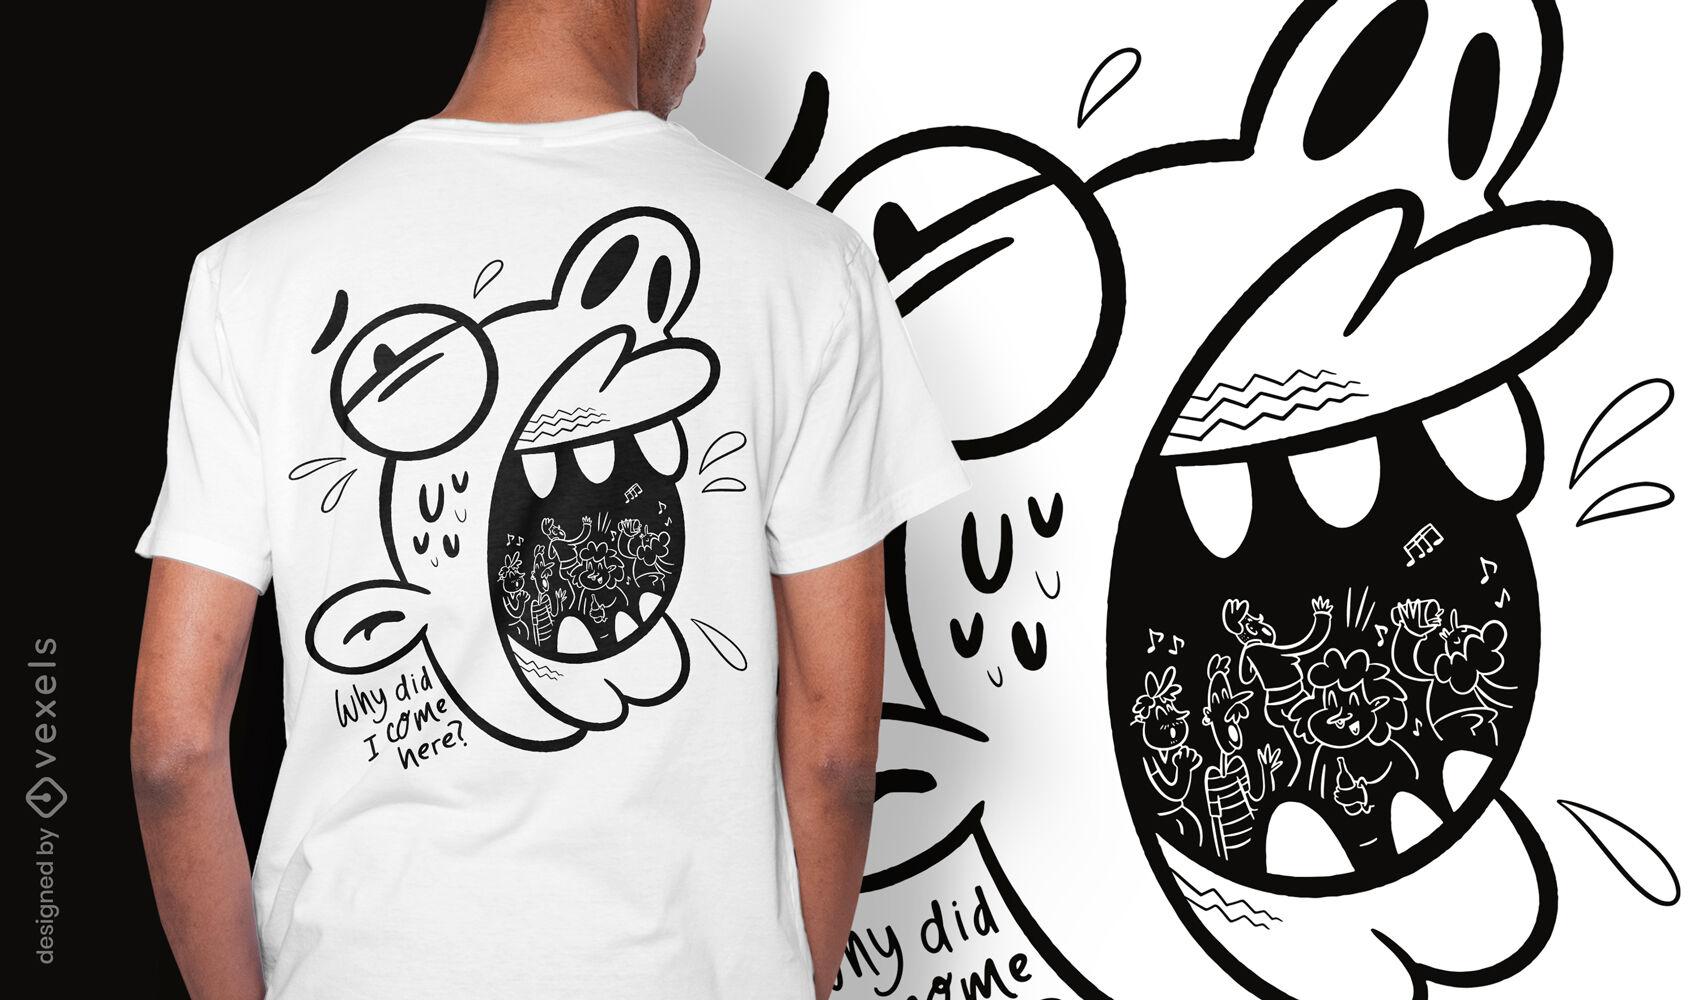 Dise?o de camiseta de doodle de fobia a la ansiedad social